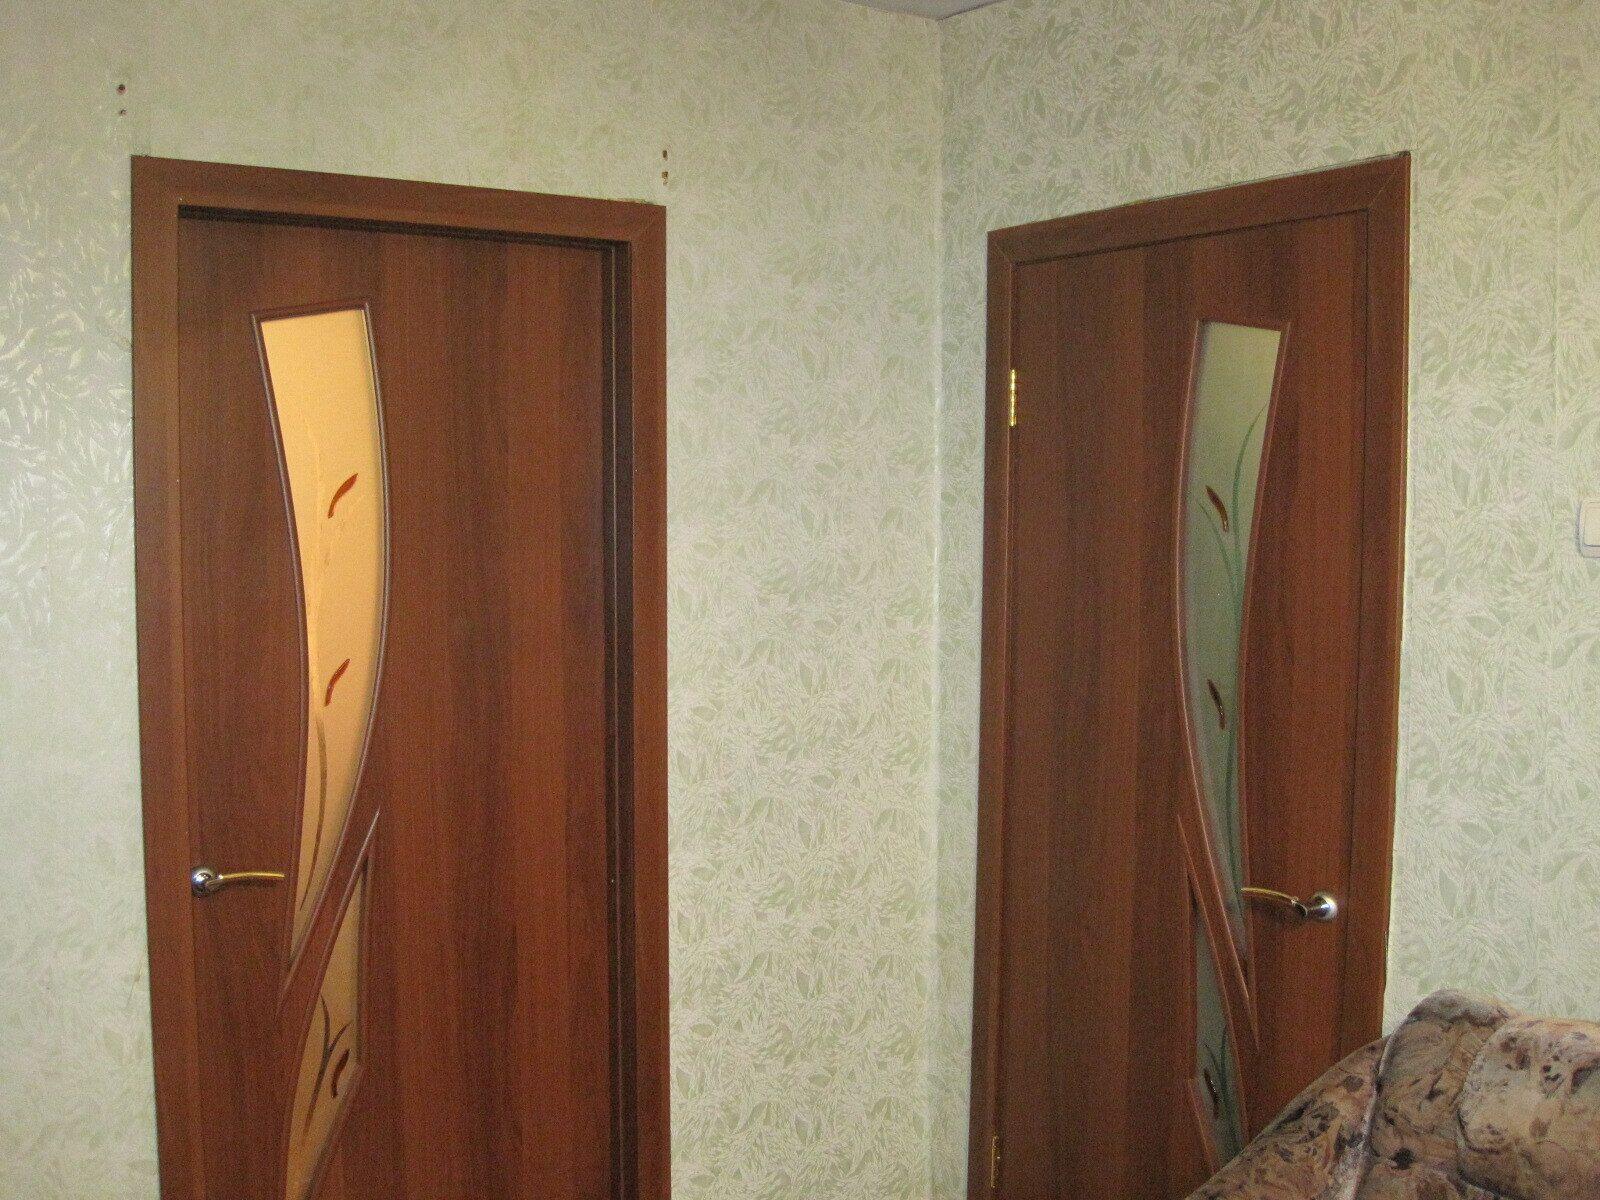 Отделка откосов межкомнатных дверей фото 3